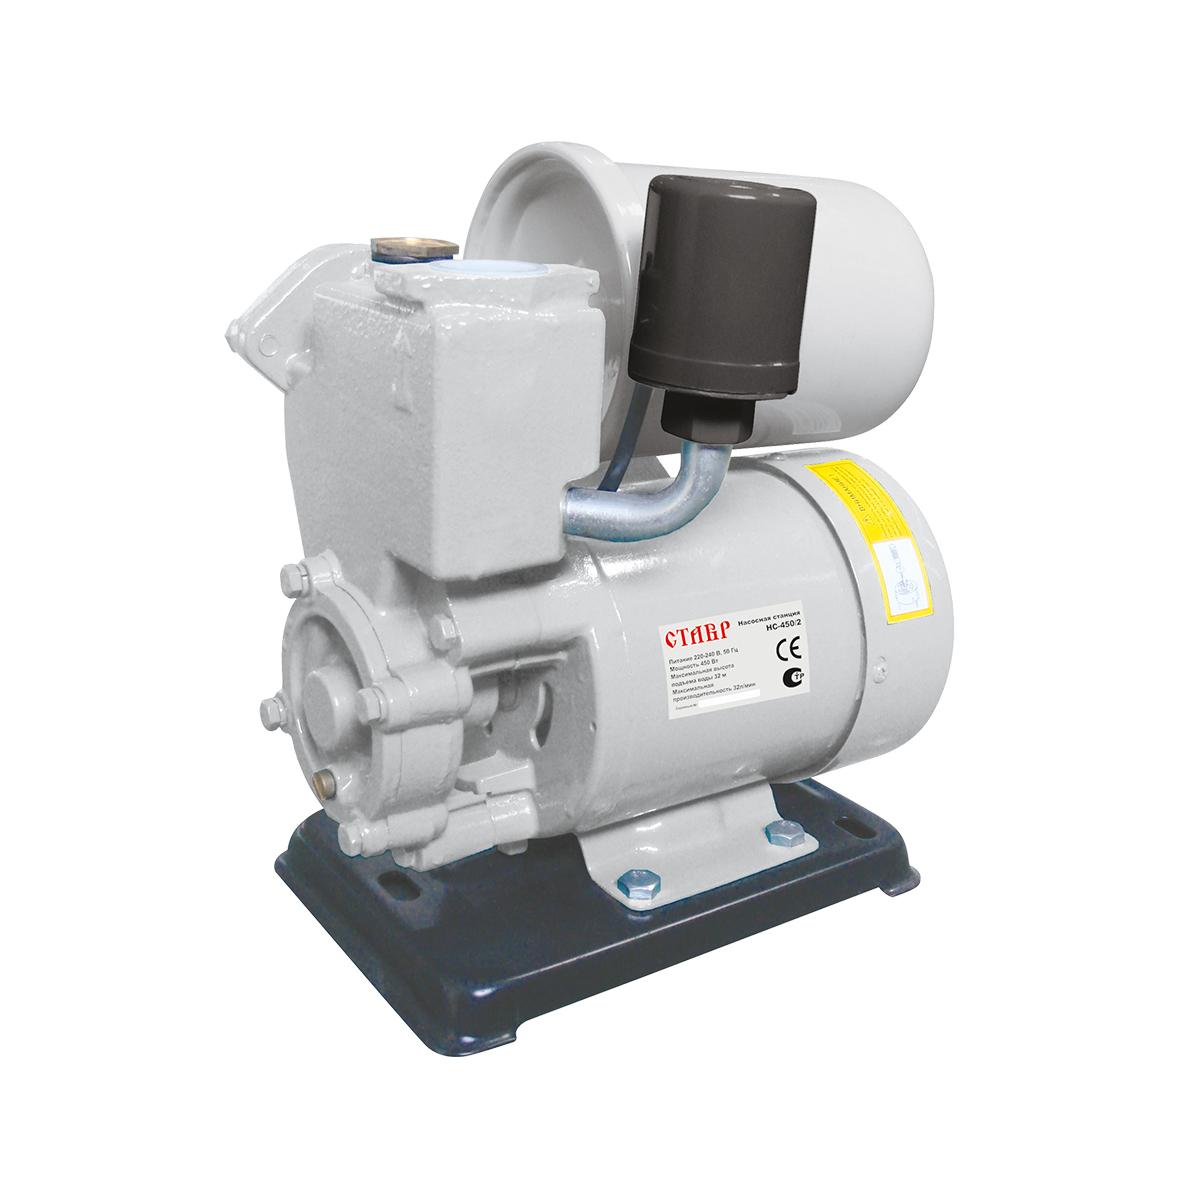 Насосная станция Ставр НС-450/2ст450-2нсНапряжение сети, В: 220 Частота Гц: 50 Потребляемая мощность, Вт: 450 Максимальная производительность, л/мин: 32 Напор, м: 32 Диапазон выдаваемого давления, атм: 1,4-3,2 Максимальная глубина всасывания, м: 9 Объем мембранного бака, л: 2 Максимальный размер пропускаемых частиц, мм: 5 Максимальная температура воды, °С: 40 Диаметр входного патрубка, дюйм, мм: 1(25) Диаметр выходного патрубка, дюйм, мм: 1(25) Защита от перегрева: есть Класс защиты: IPX4 Материал корпуса: металл Длина сетевого кабеля, м: 1,5 Габаритные размеры, мм: 250x200x265 Масса, кг: 9,8